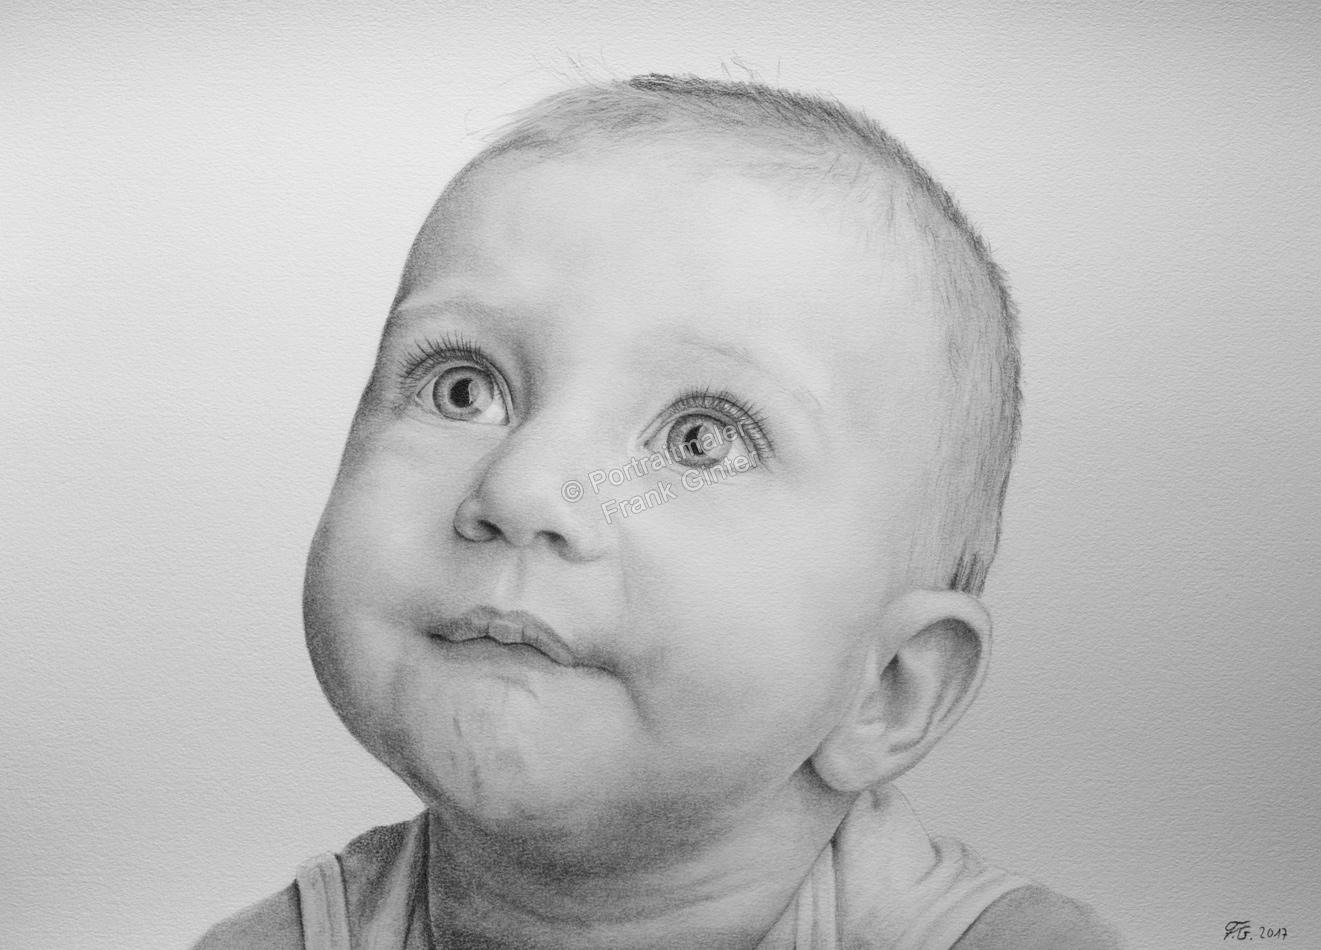 Bleistiftzeichnungen, Portraitzeichnung, Baby, Bleistiftzeichnung, Portraitzeichner